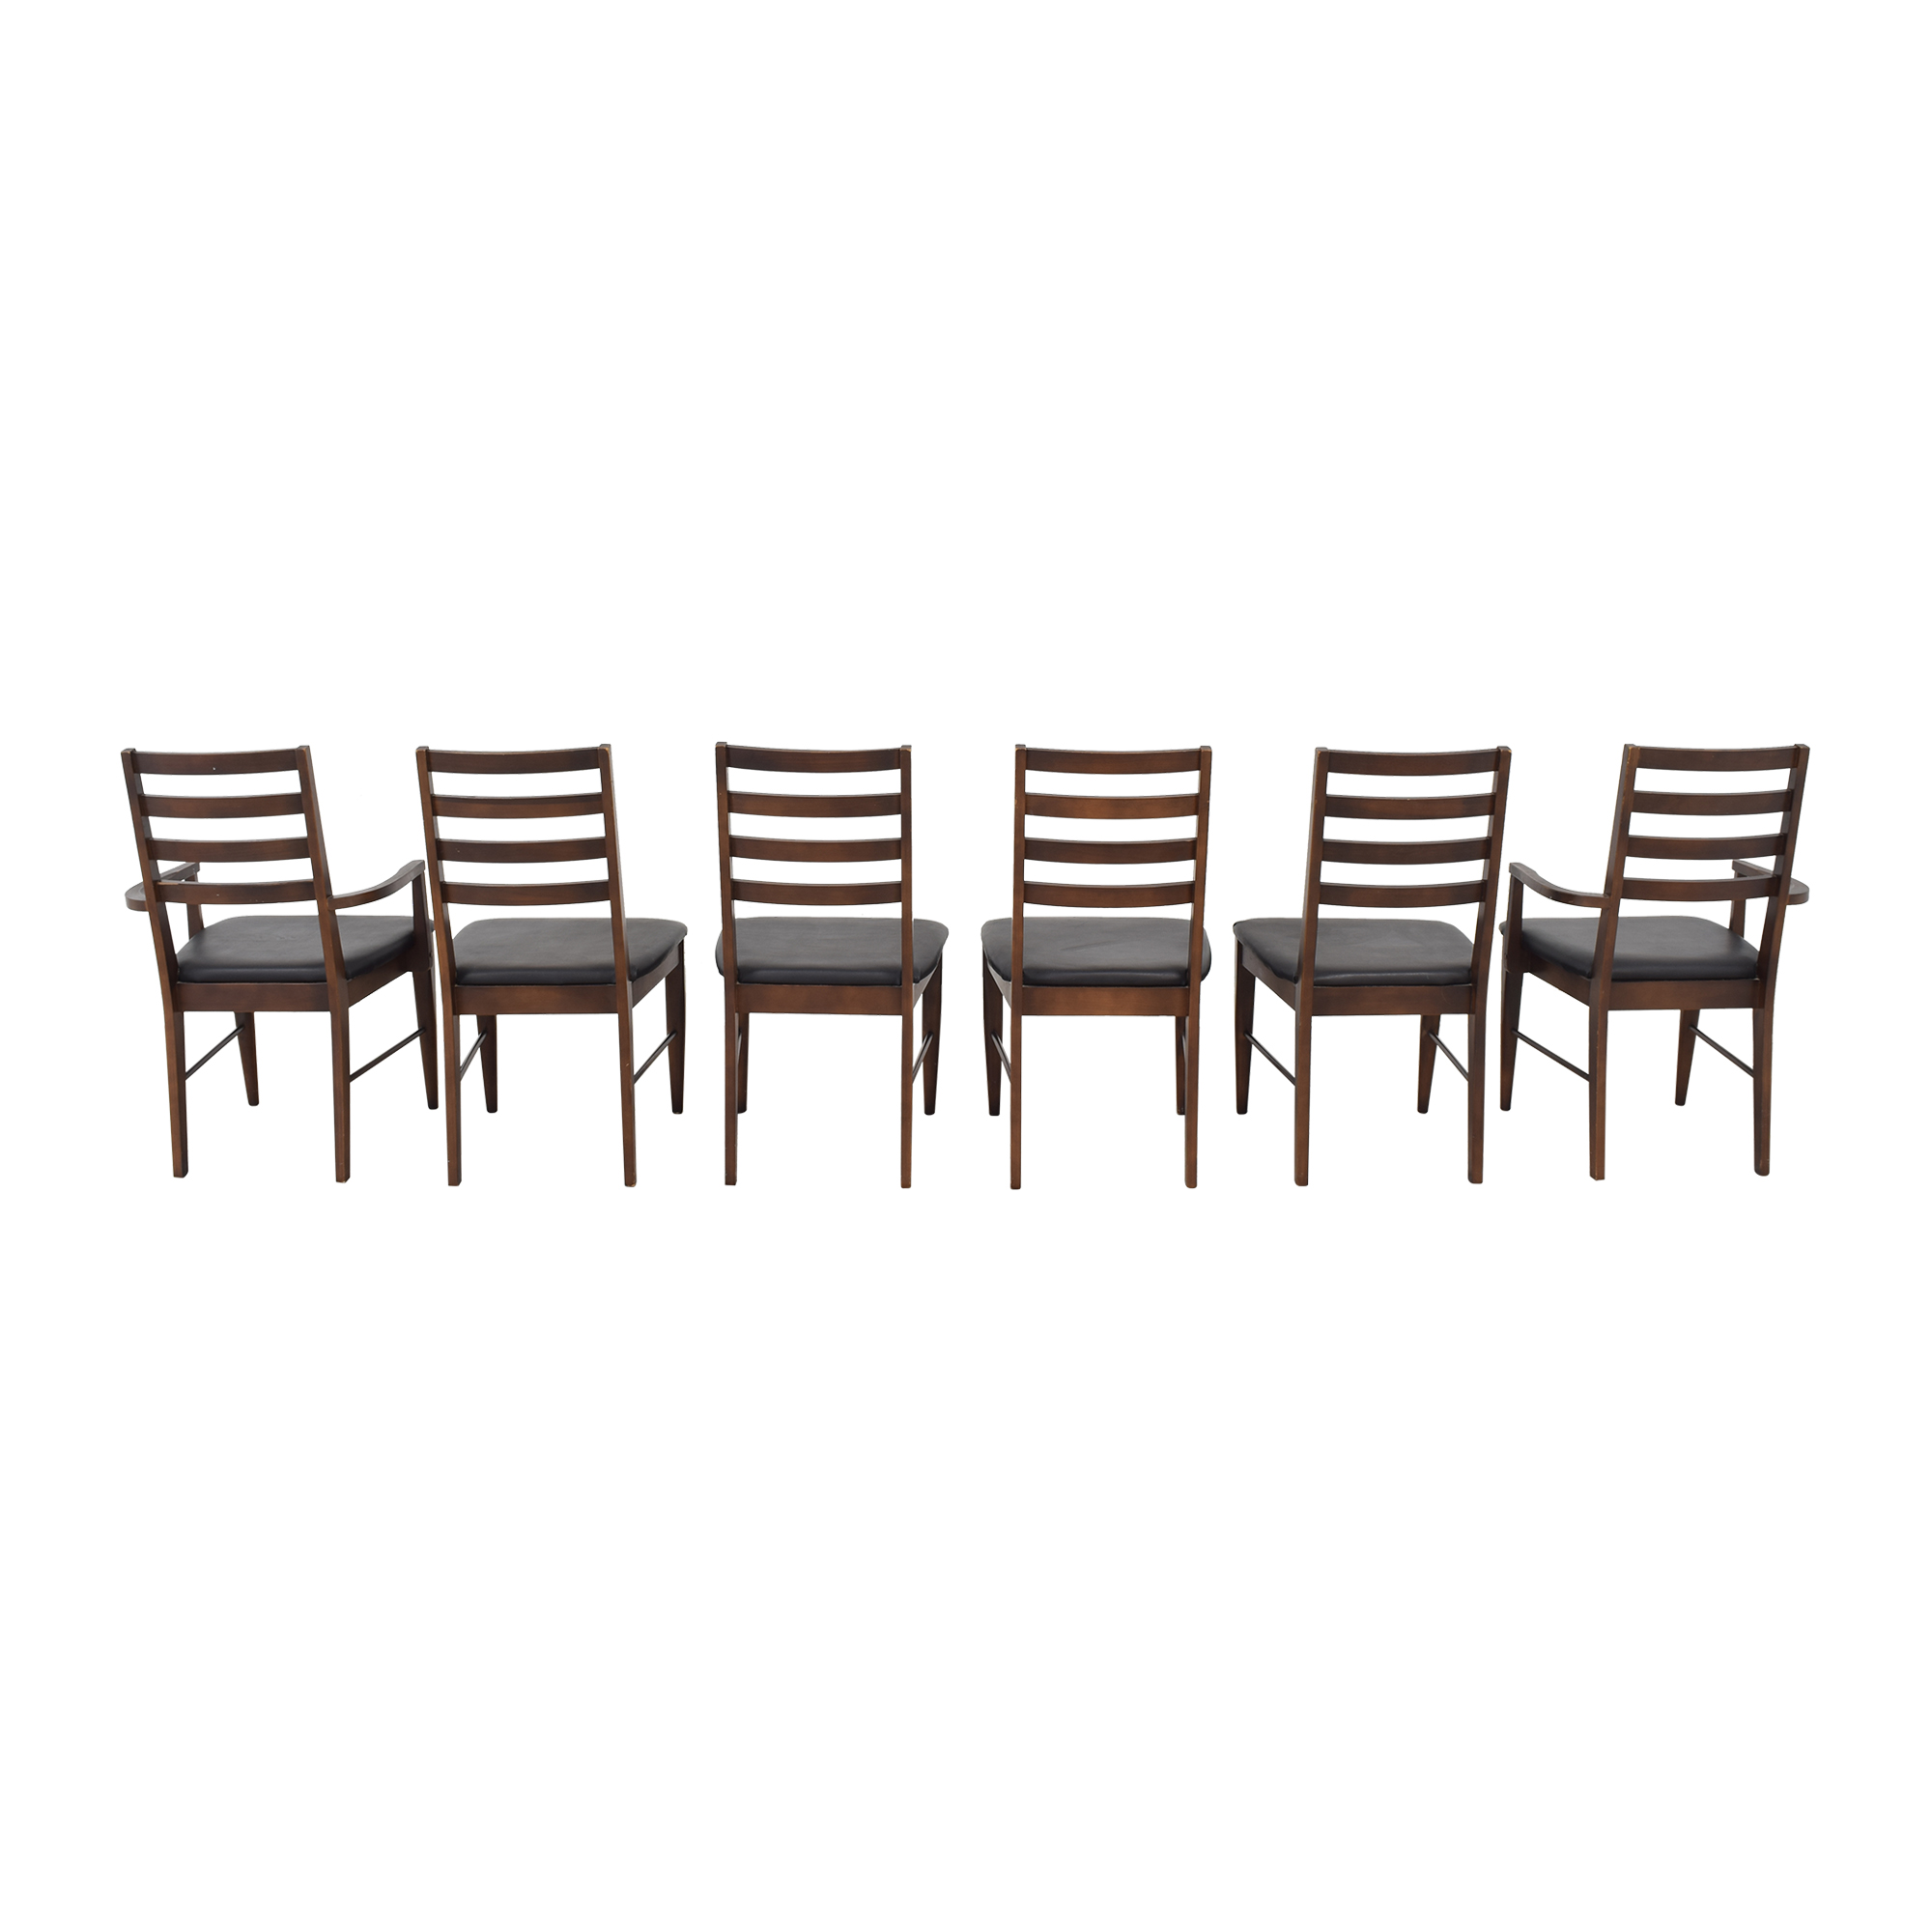 Lenoir Chair Company Lenoir Dining Chairs for sale